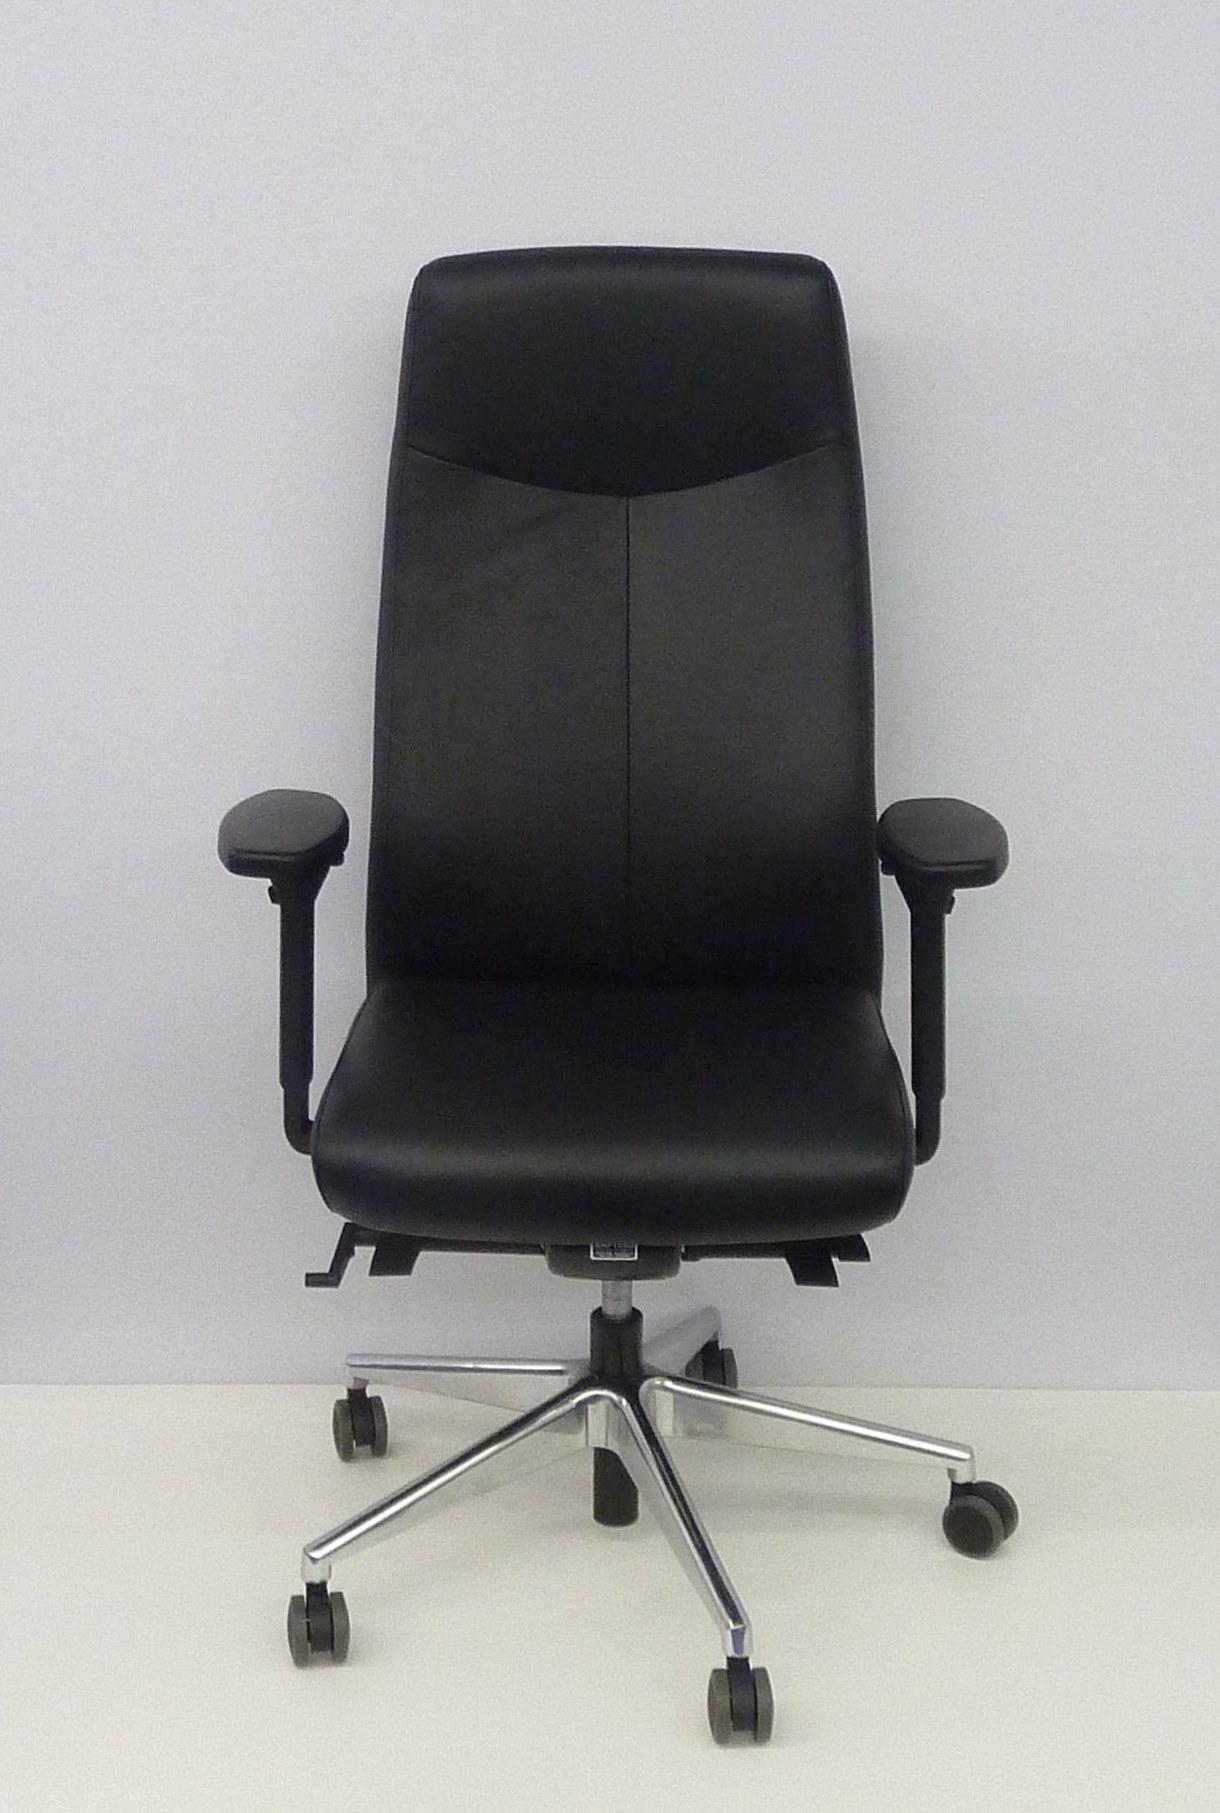 ROVO XL 5910 1